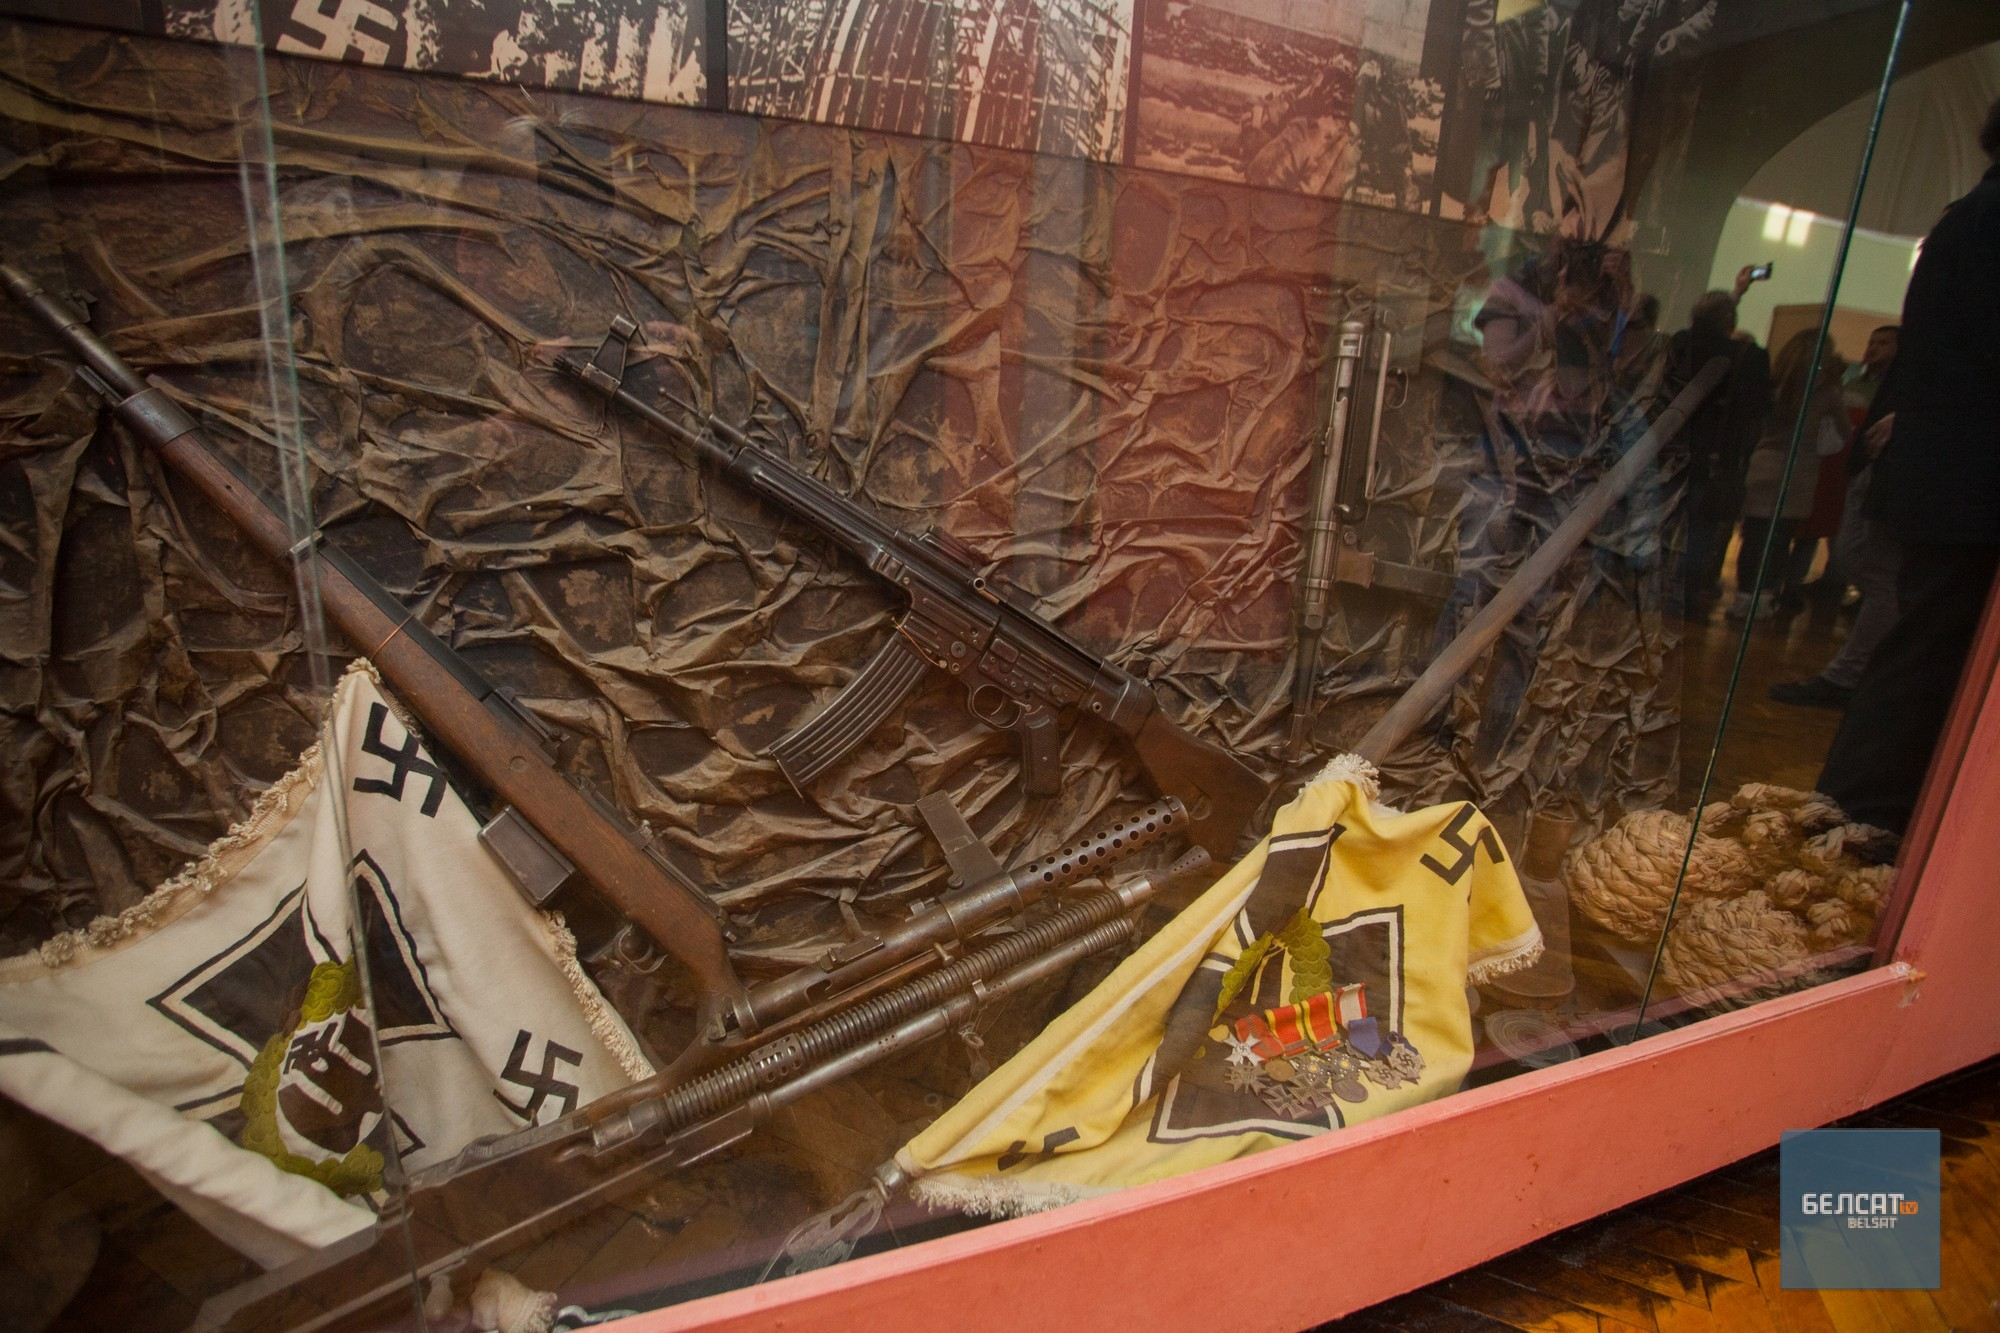 Замок, который уже не вернется. 10 гродненских музейных витрин, которые нельзя забыть